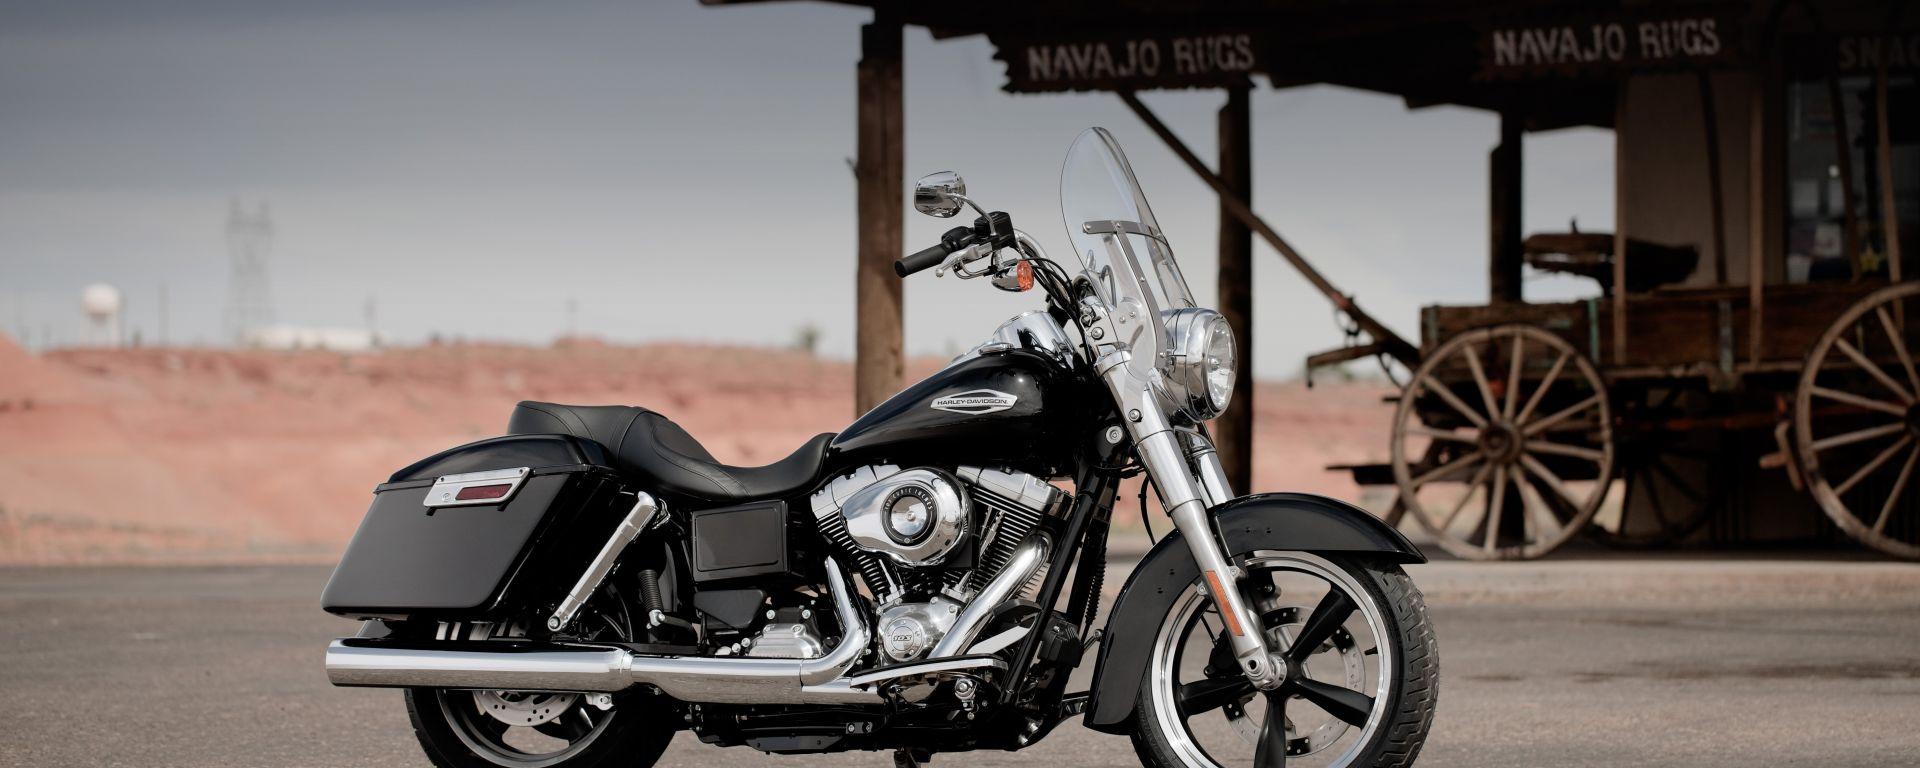 Harley Davidson: le novità dalla gamma 2012